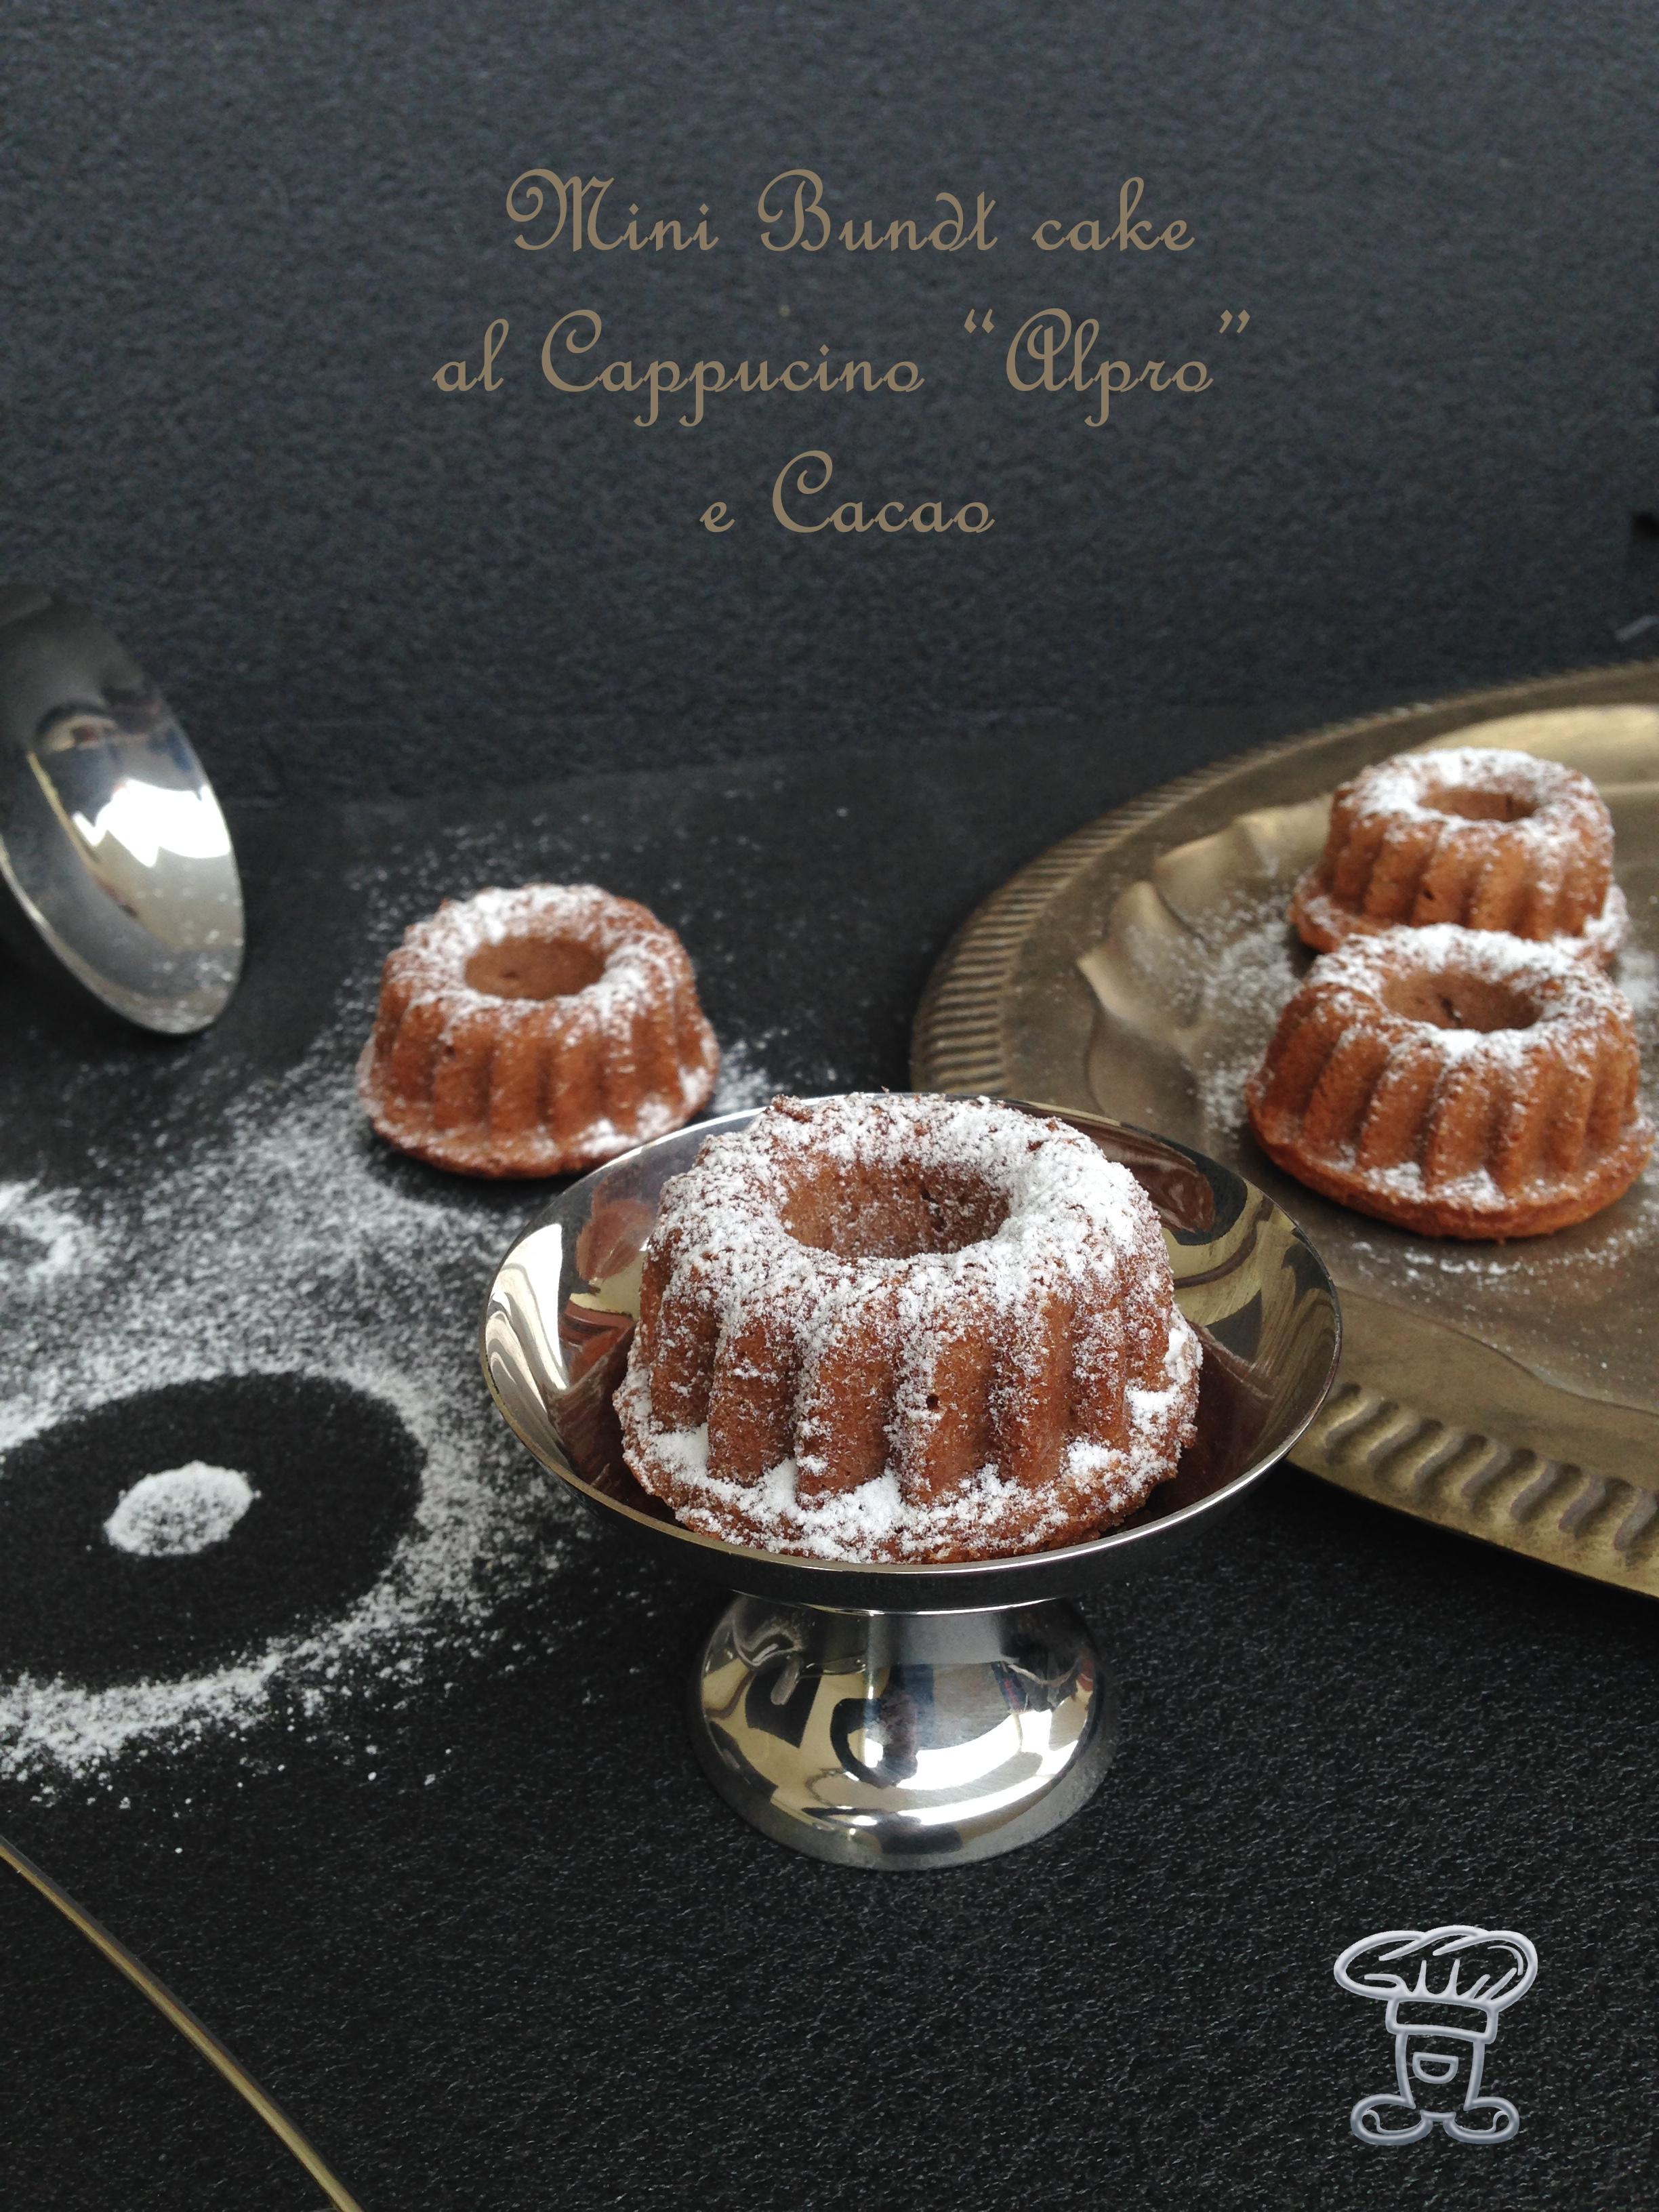 """img_4729 Mini Bundt cake al Cappuccino """"Alpro"""" e Cacao"""